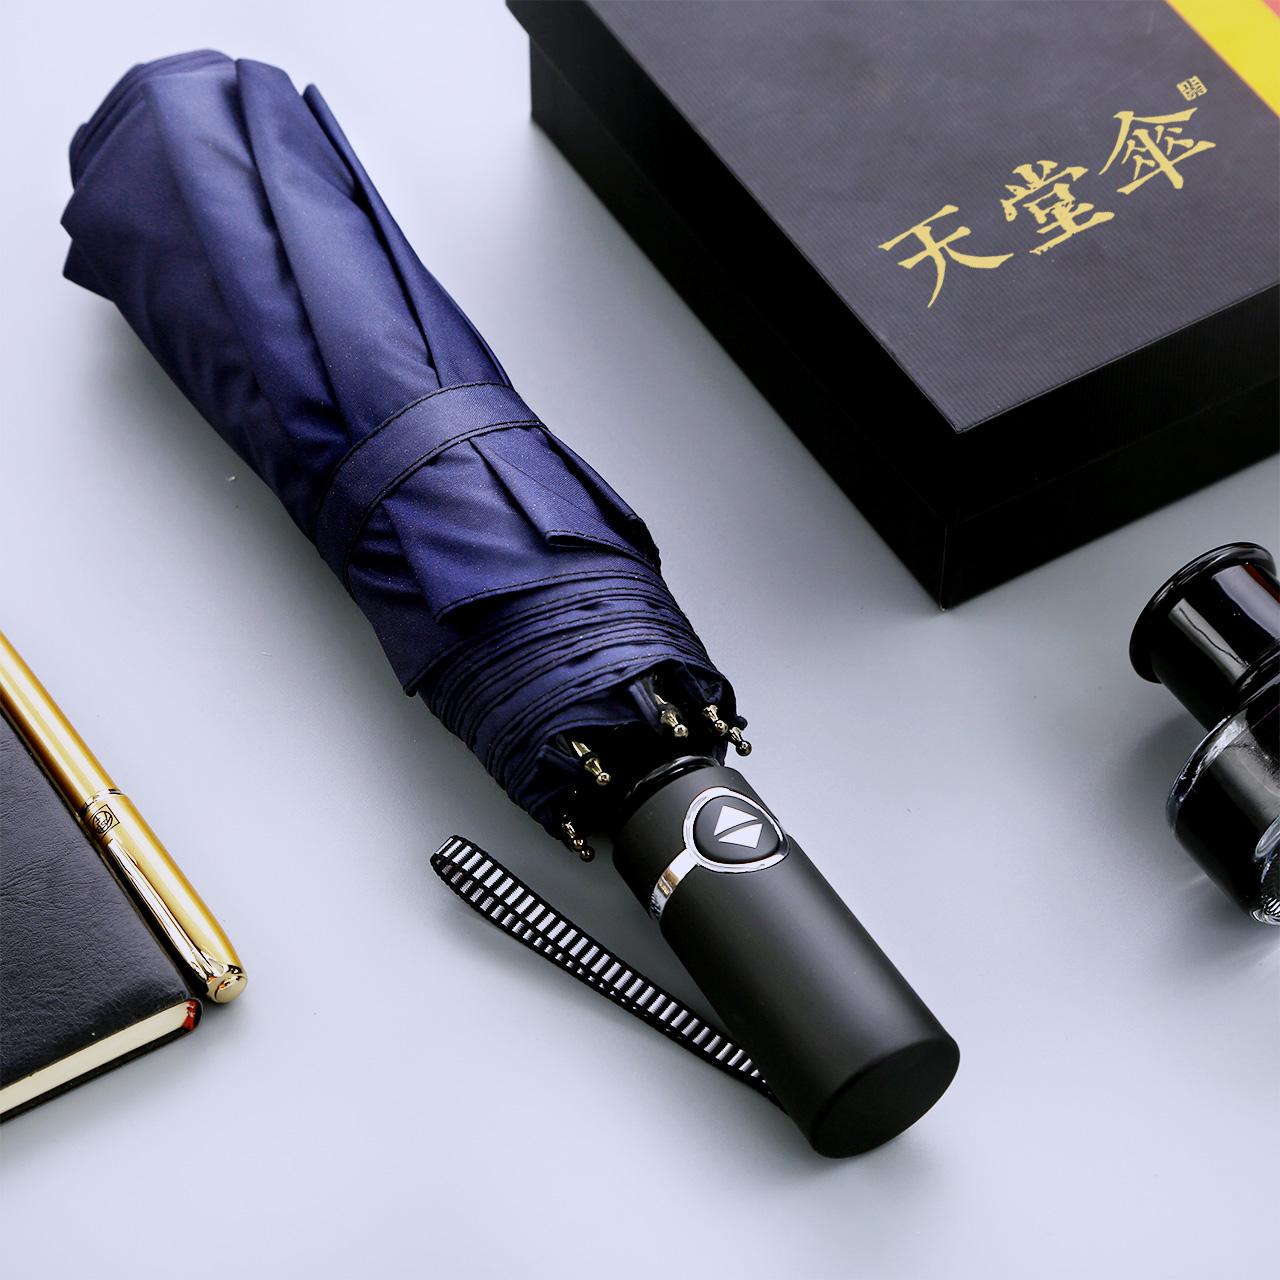 天堂伞全自动折叠雨伞防晒防紫外线太...